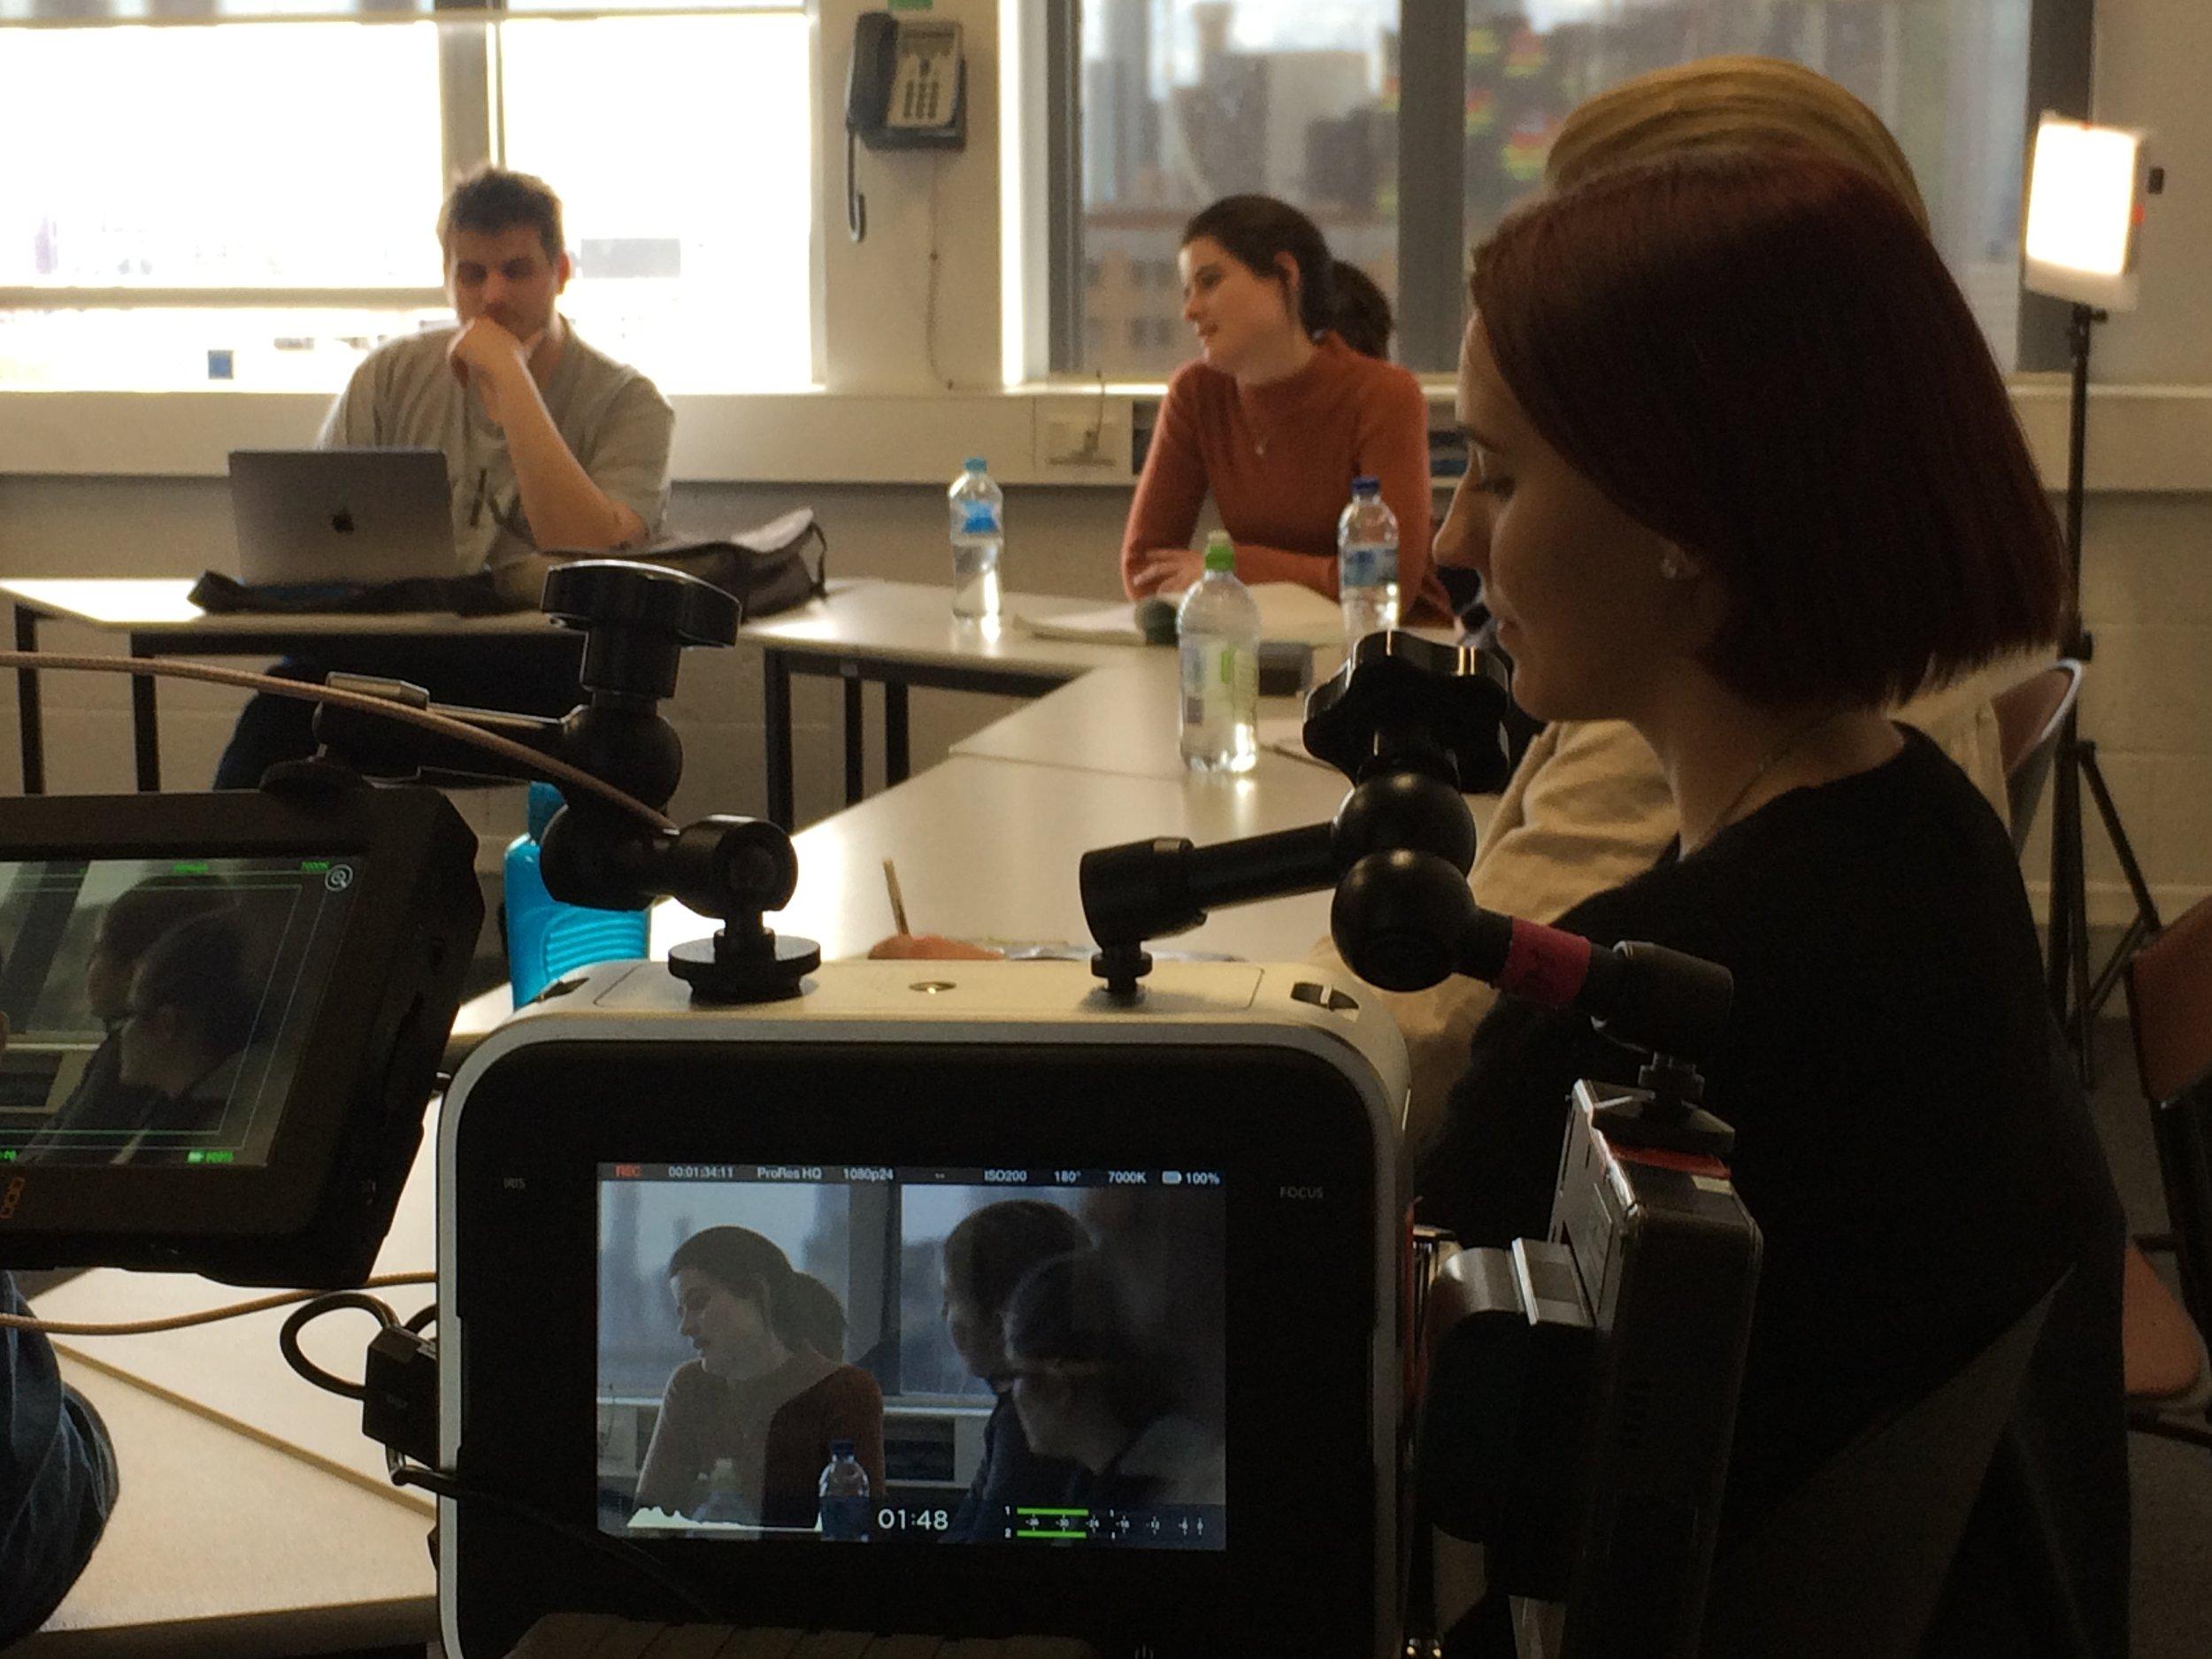 B. Behind the scenes